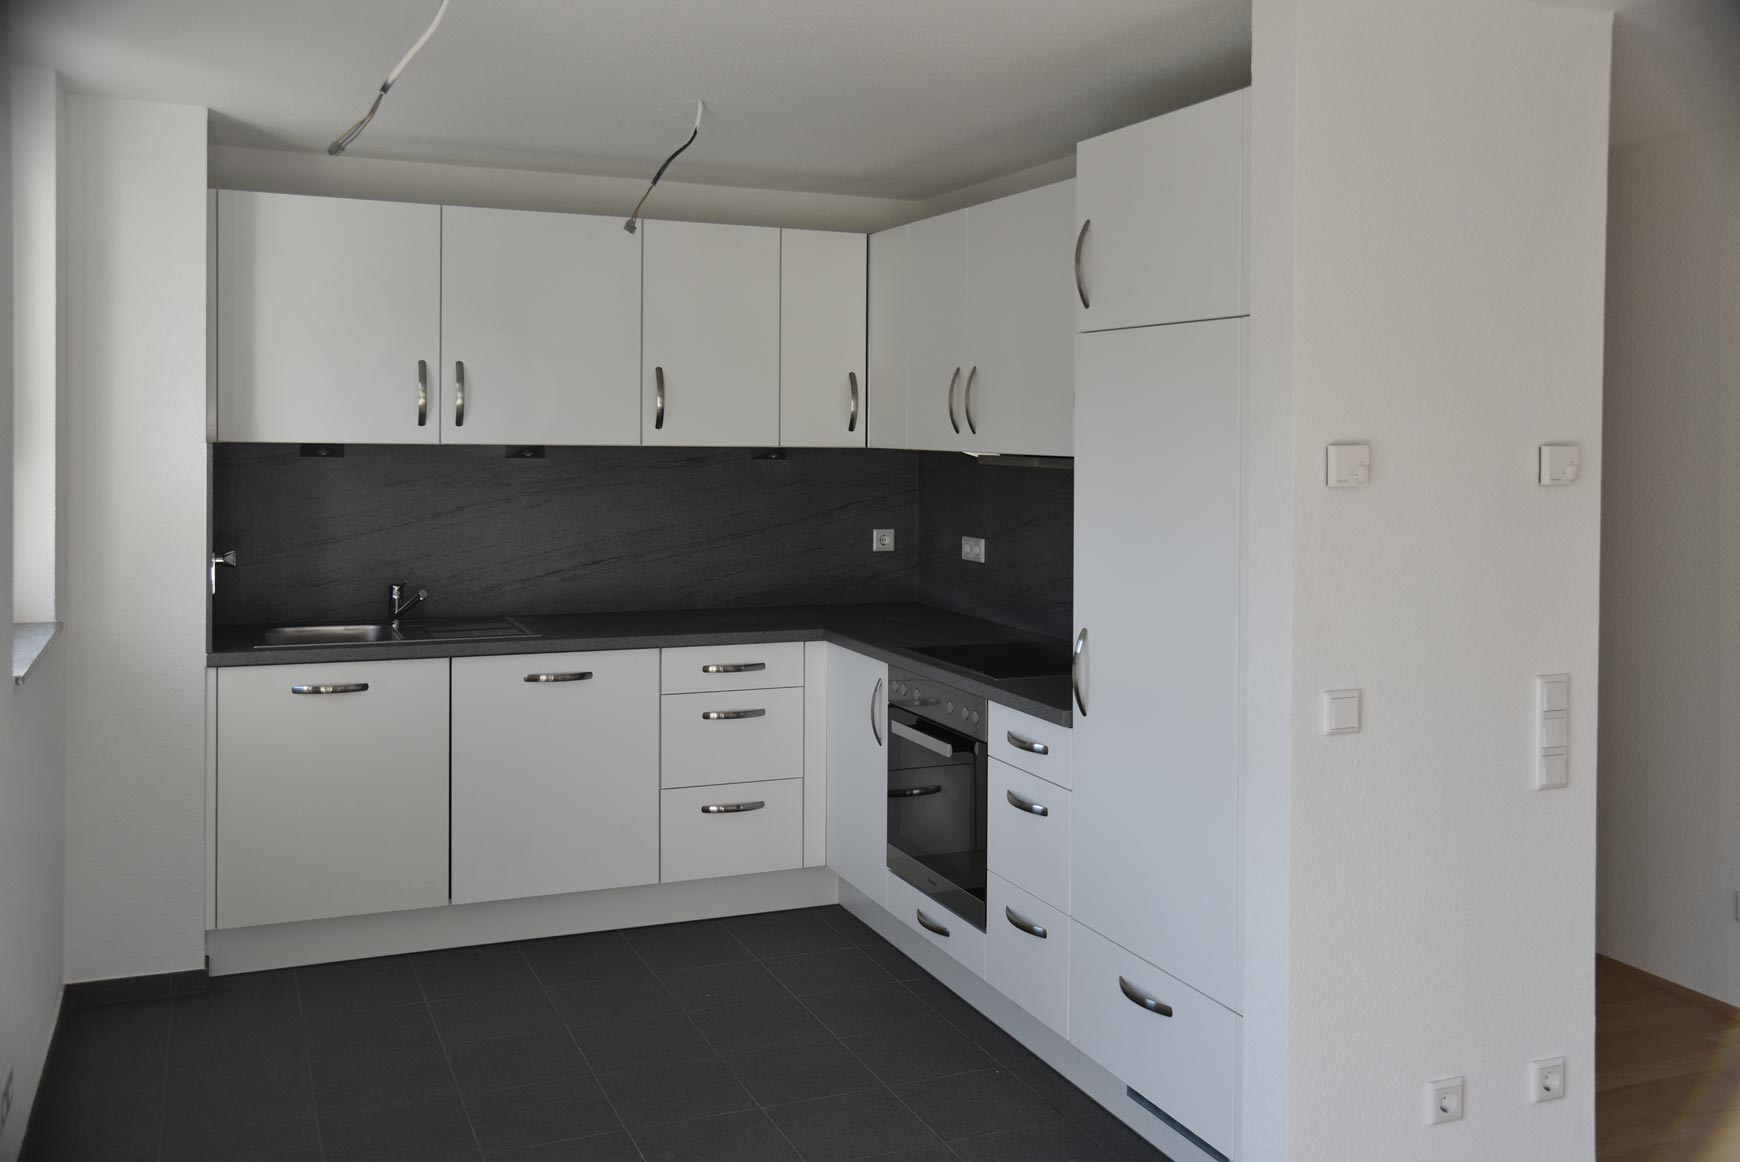 Wohnungen werden mit Küche vermietet